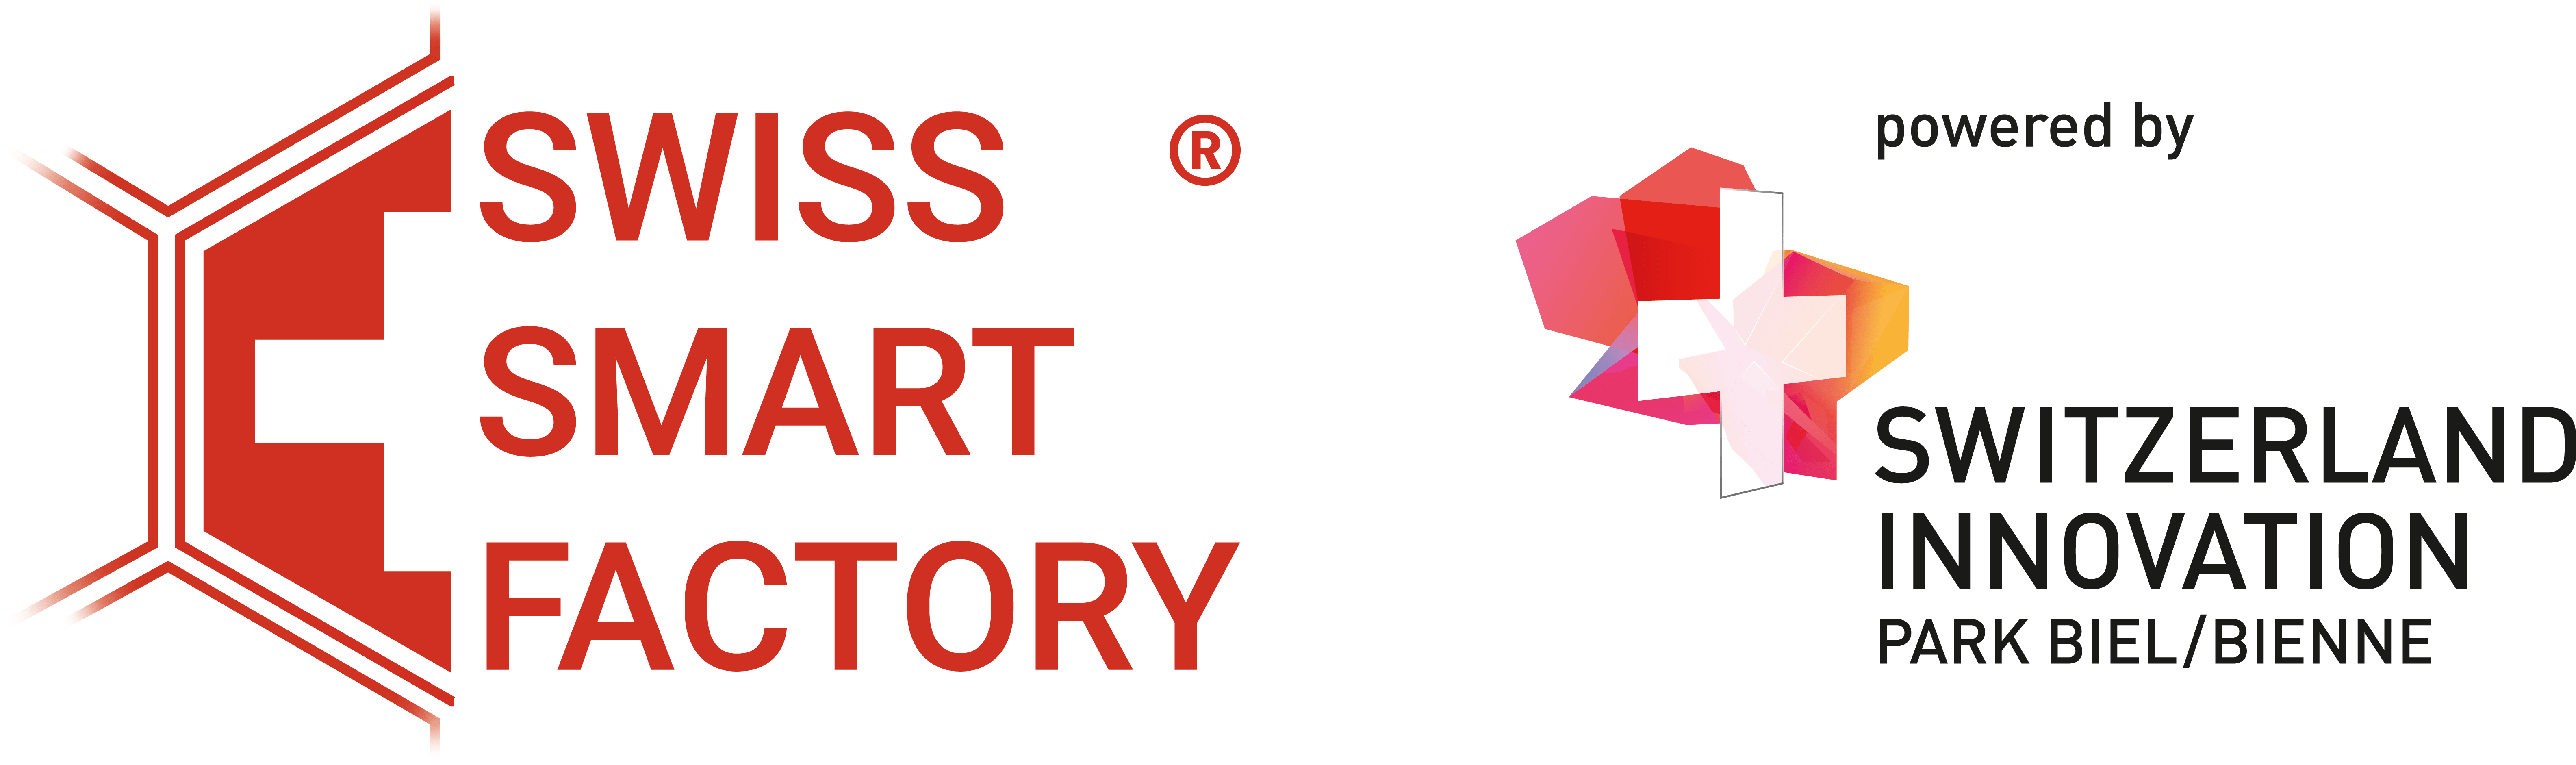 Swiss Smart Factory (SSF)